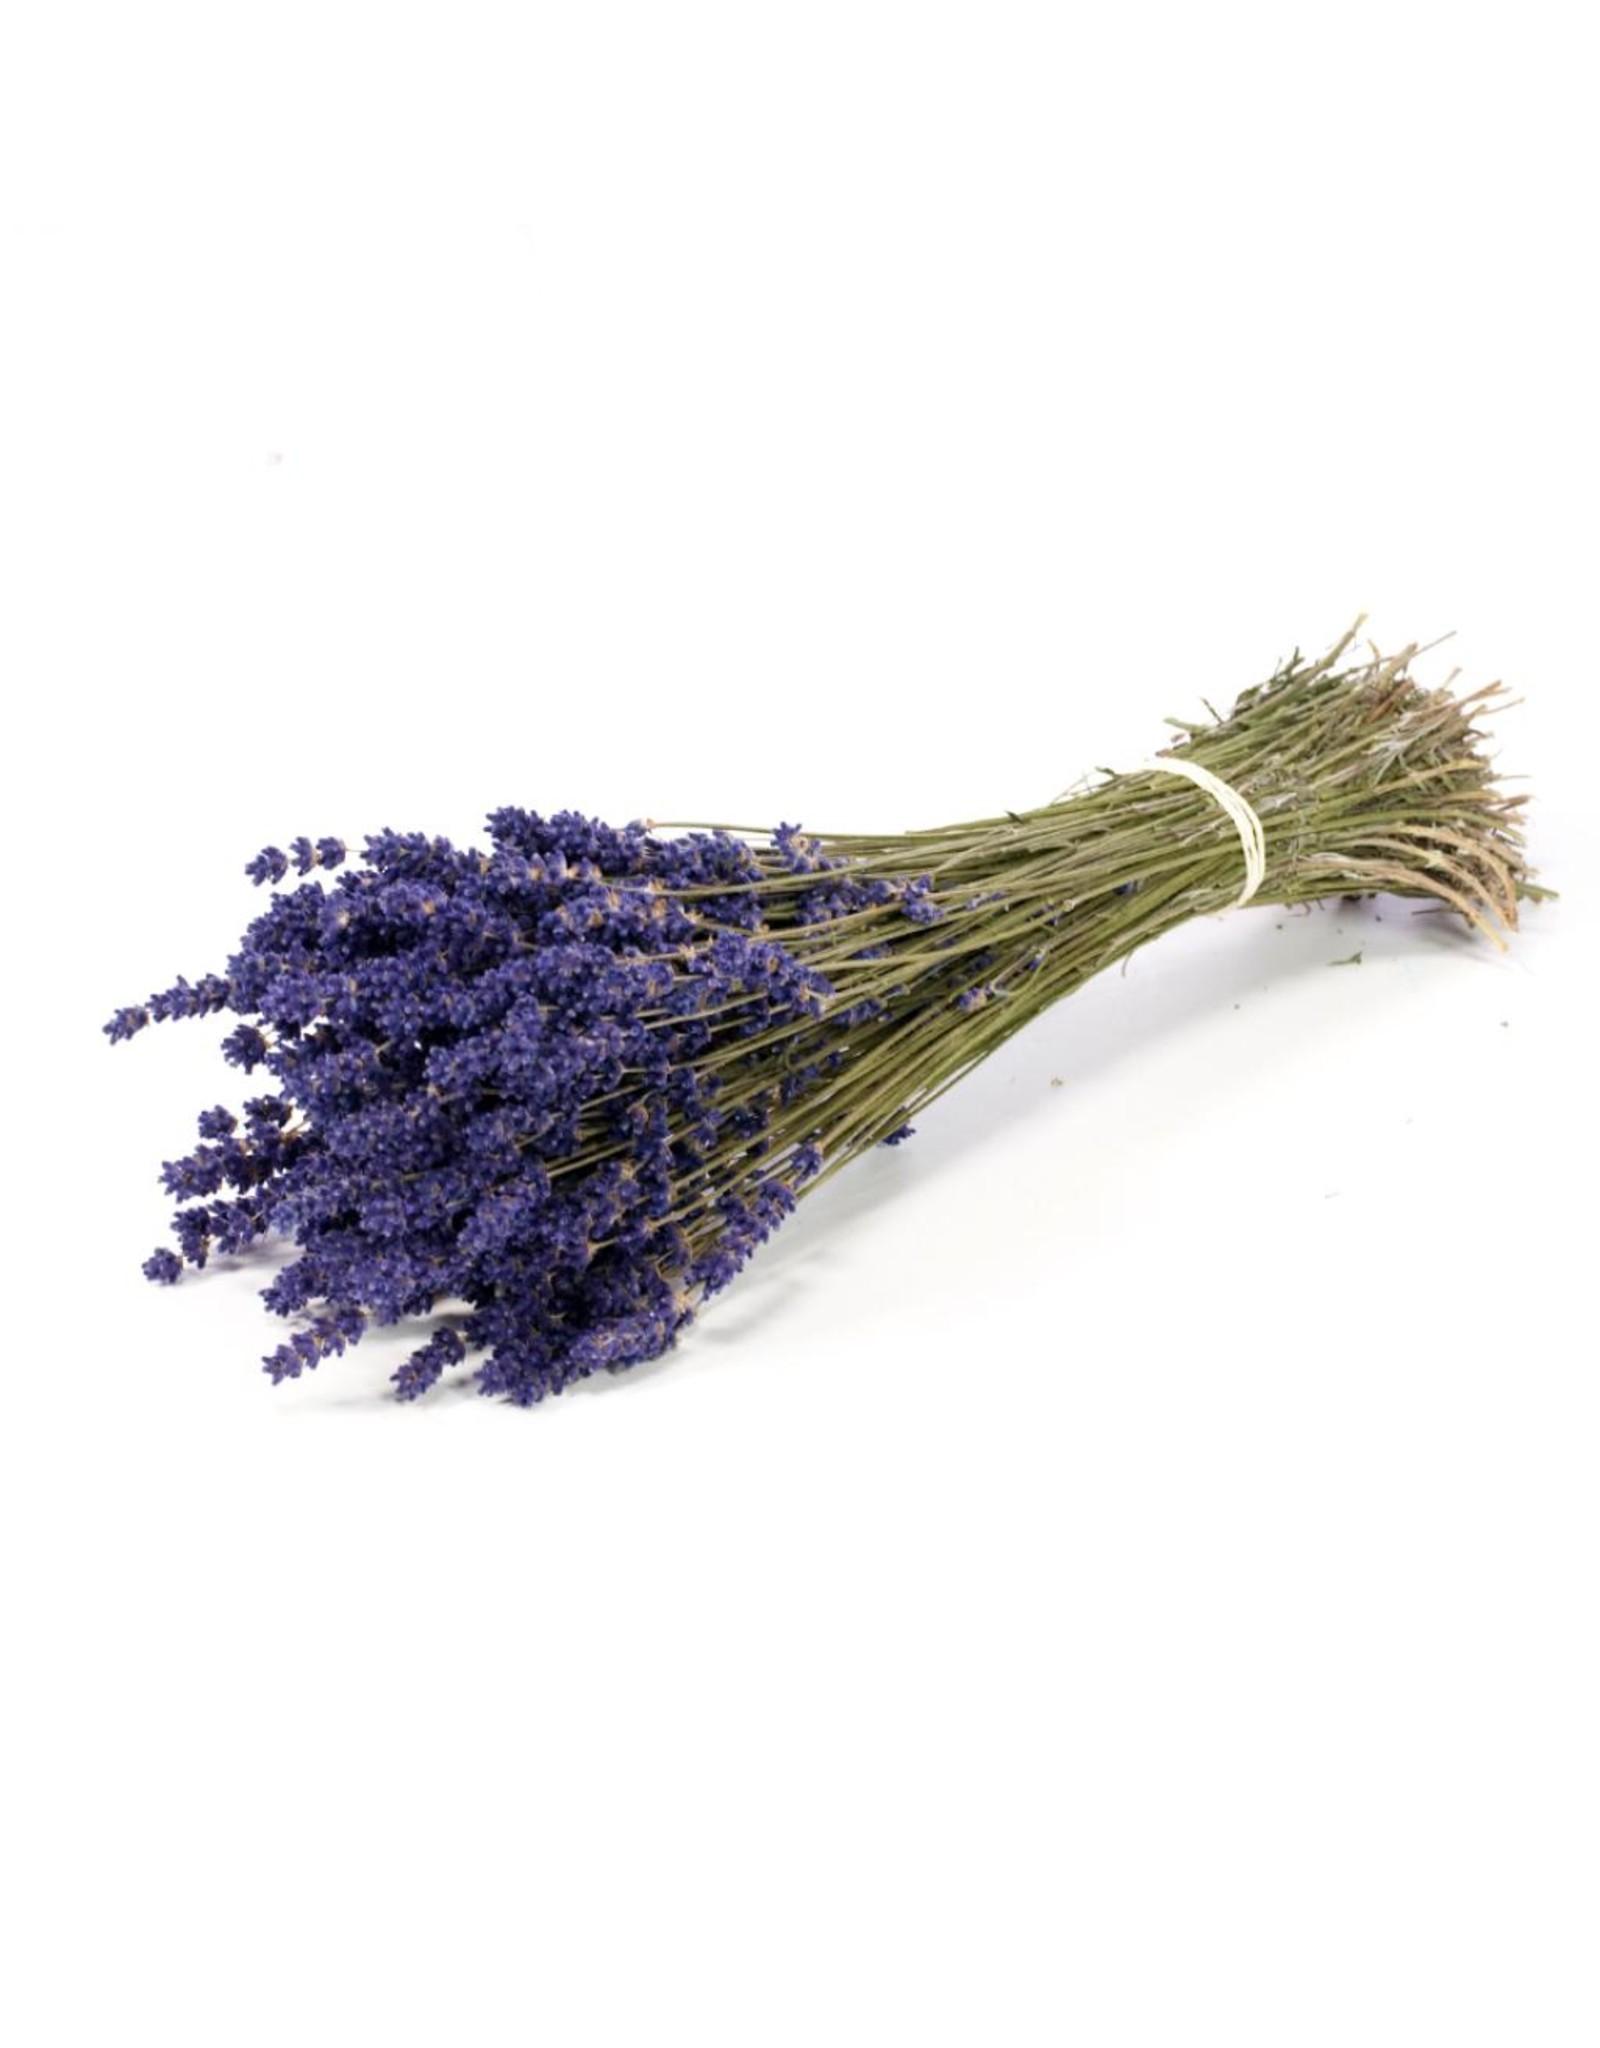 LDD Lavender 70-80gr extra natural blue x 40